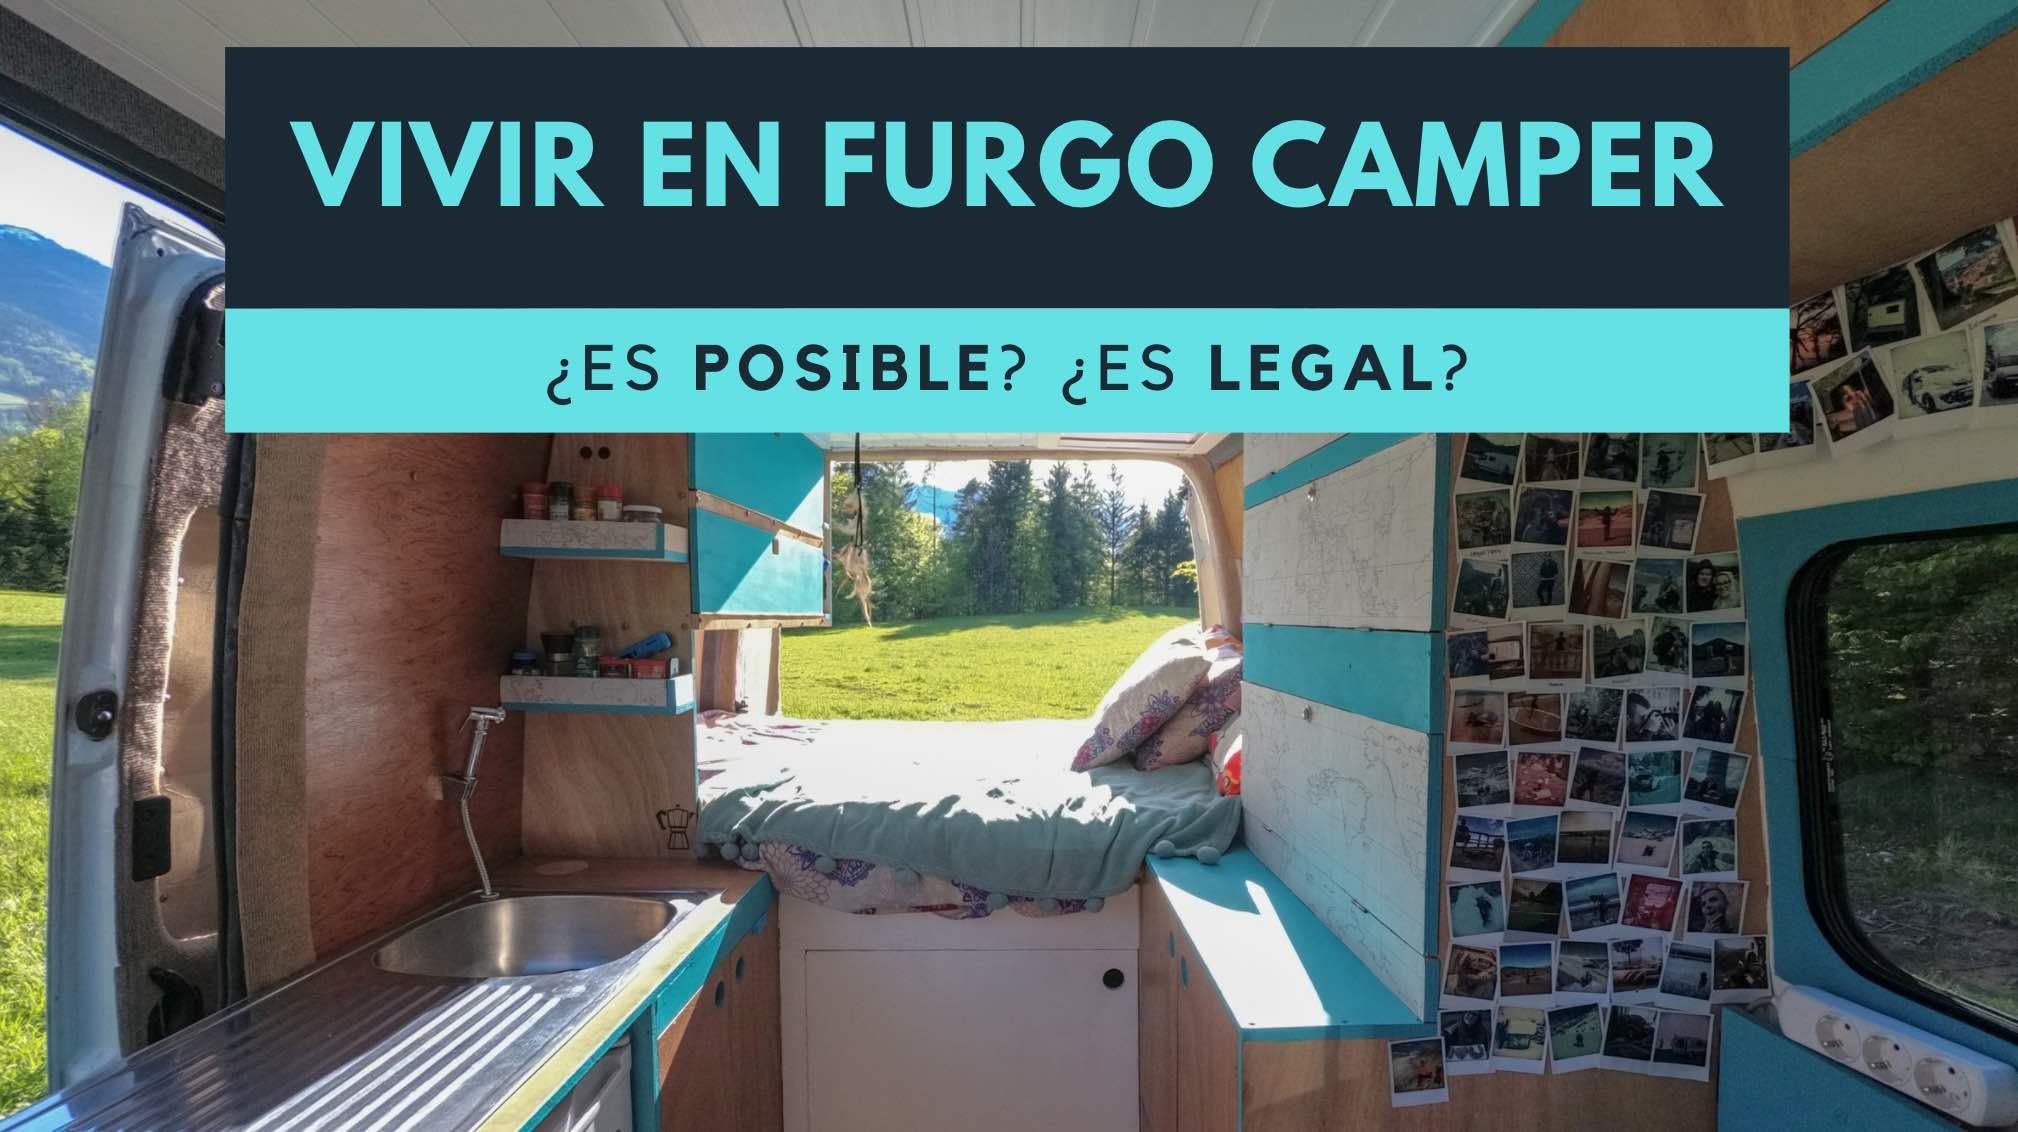 Vivir en furgoneta camper es legal